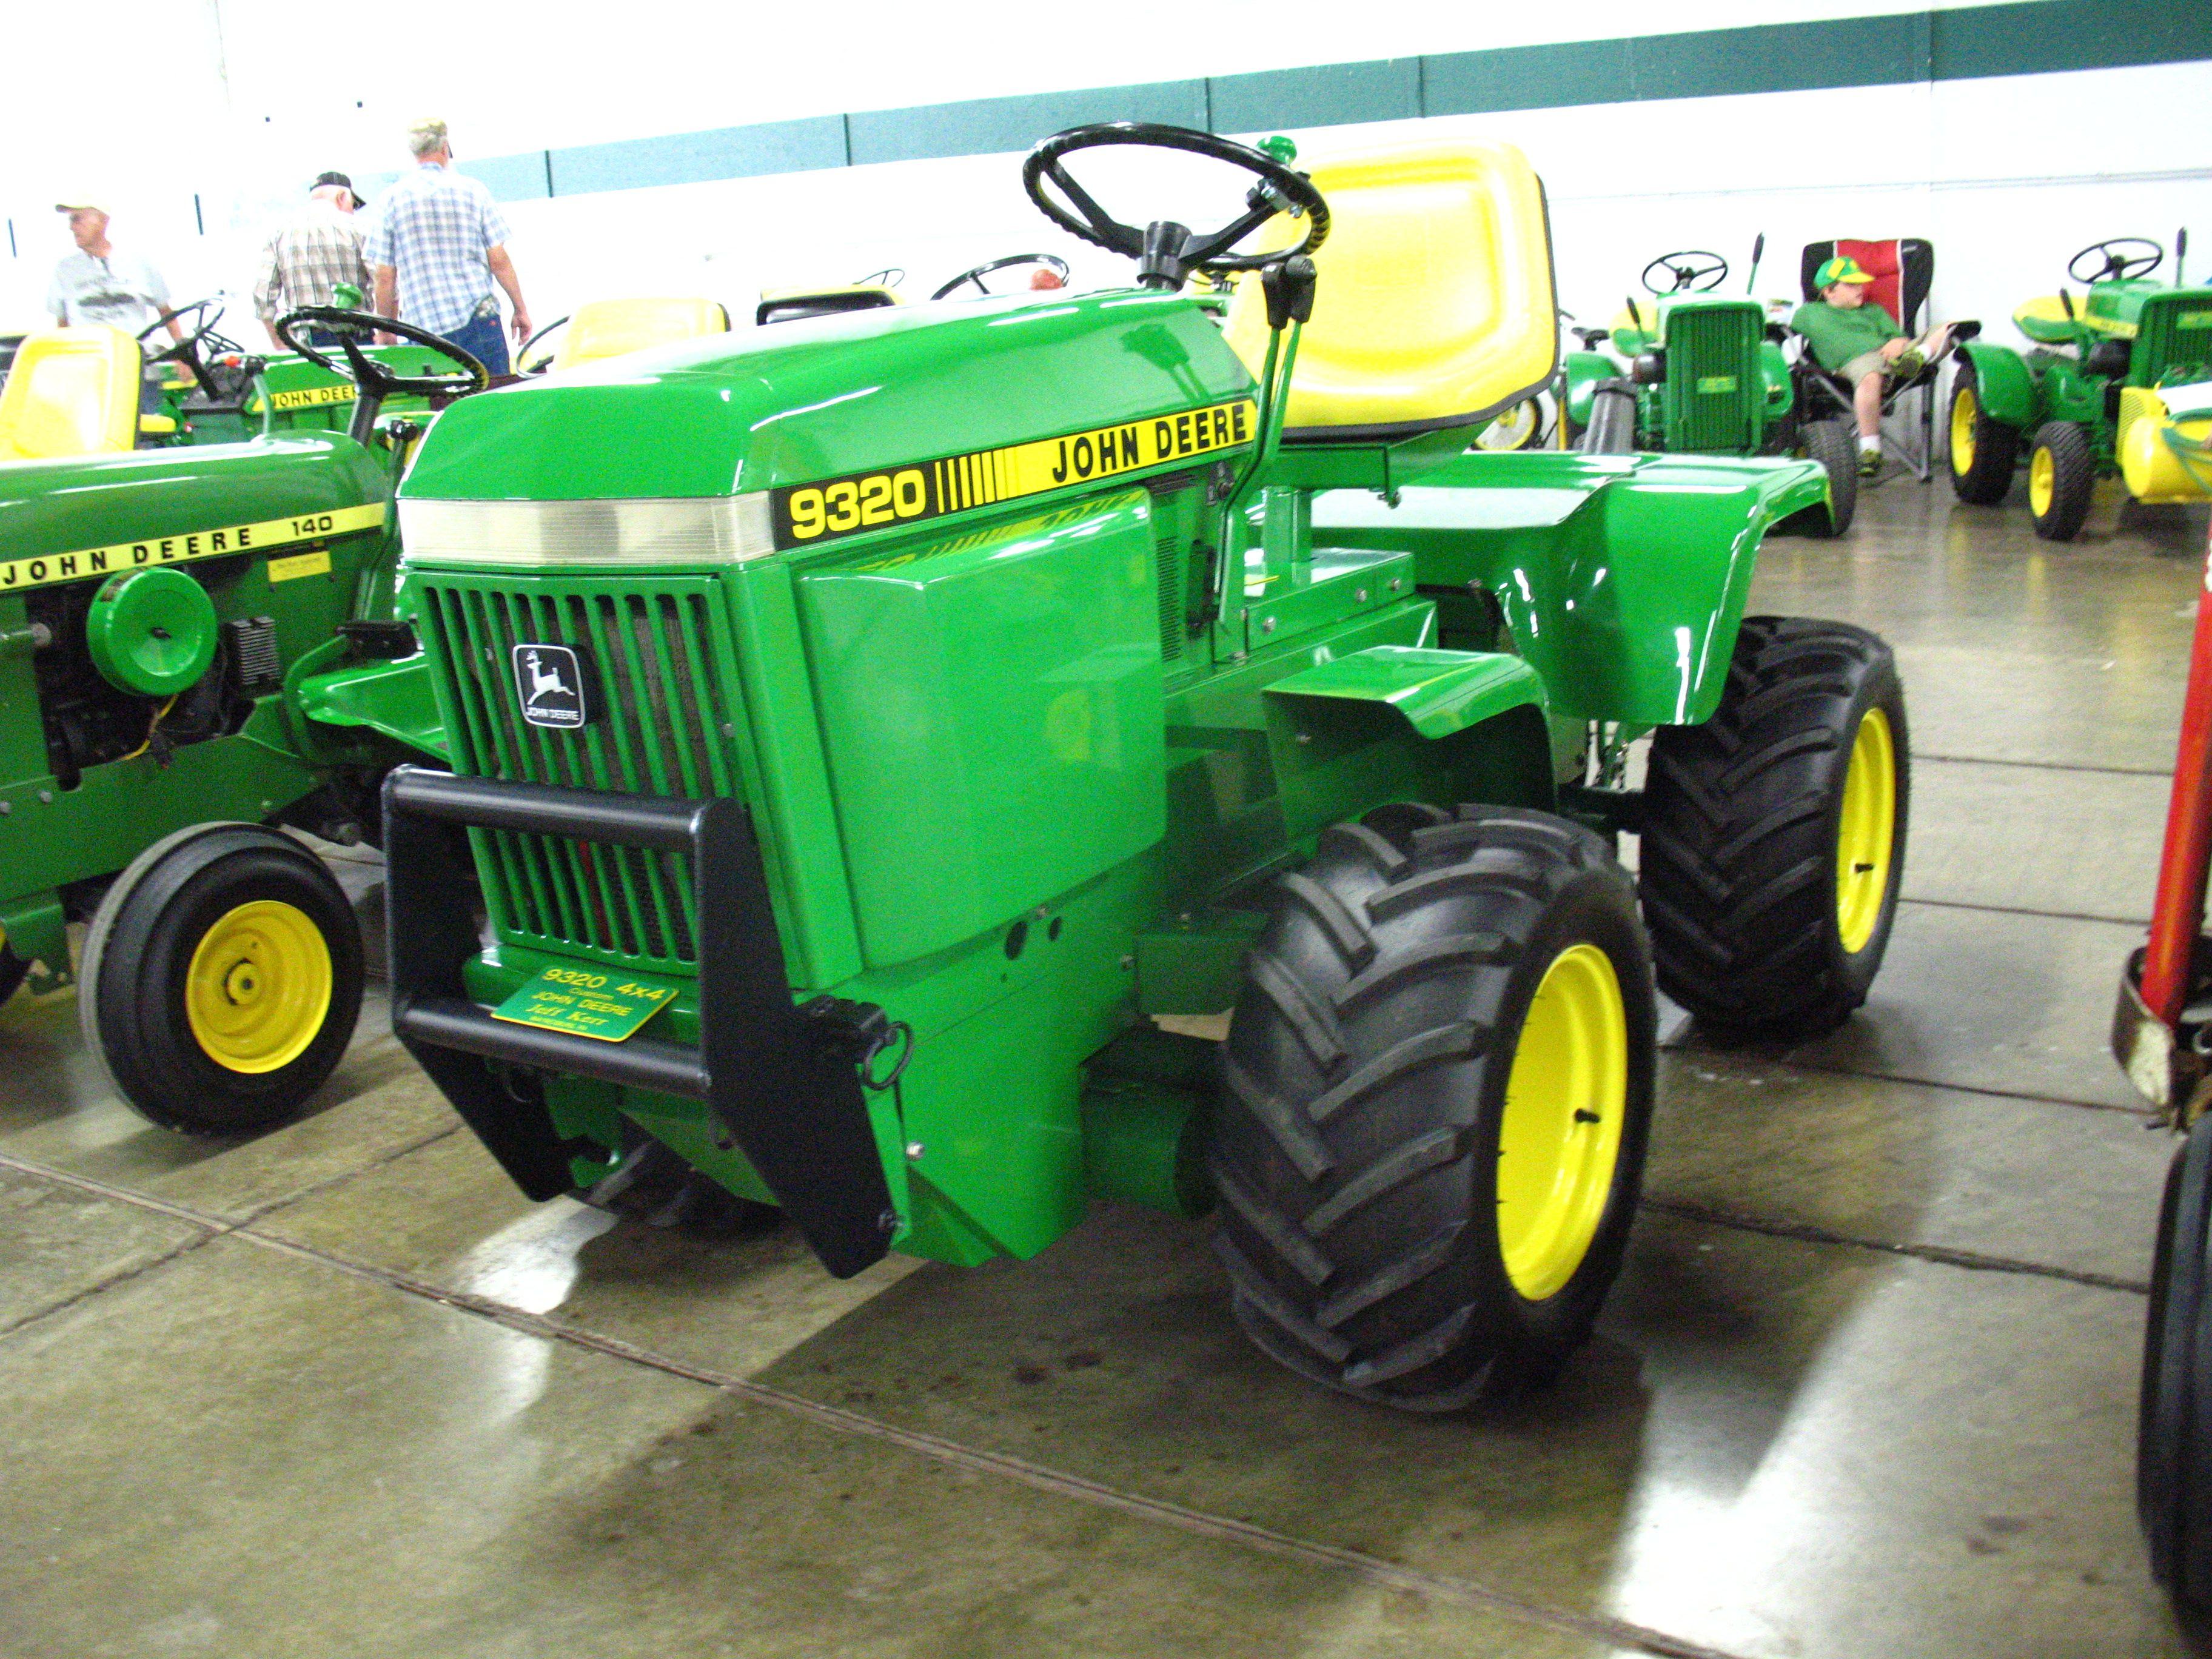 4wd John Deere Lawn Mower Lawnmowers Pinterest John Deere Lawn Mower Lawn Mower And Lawn